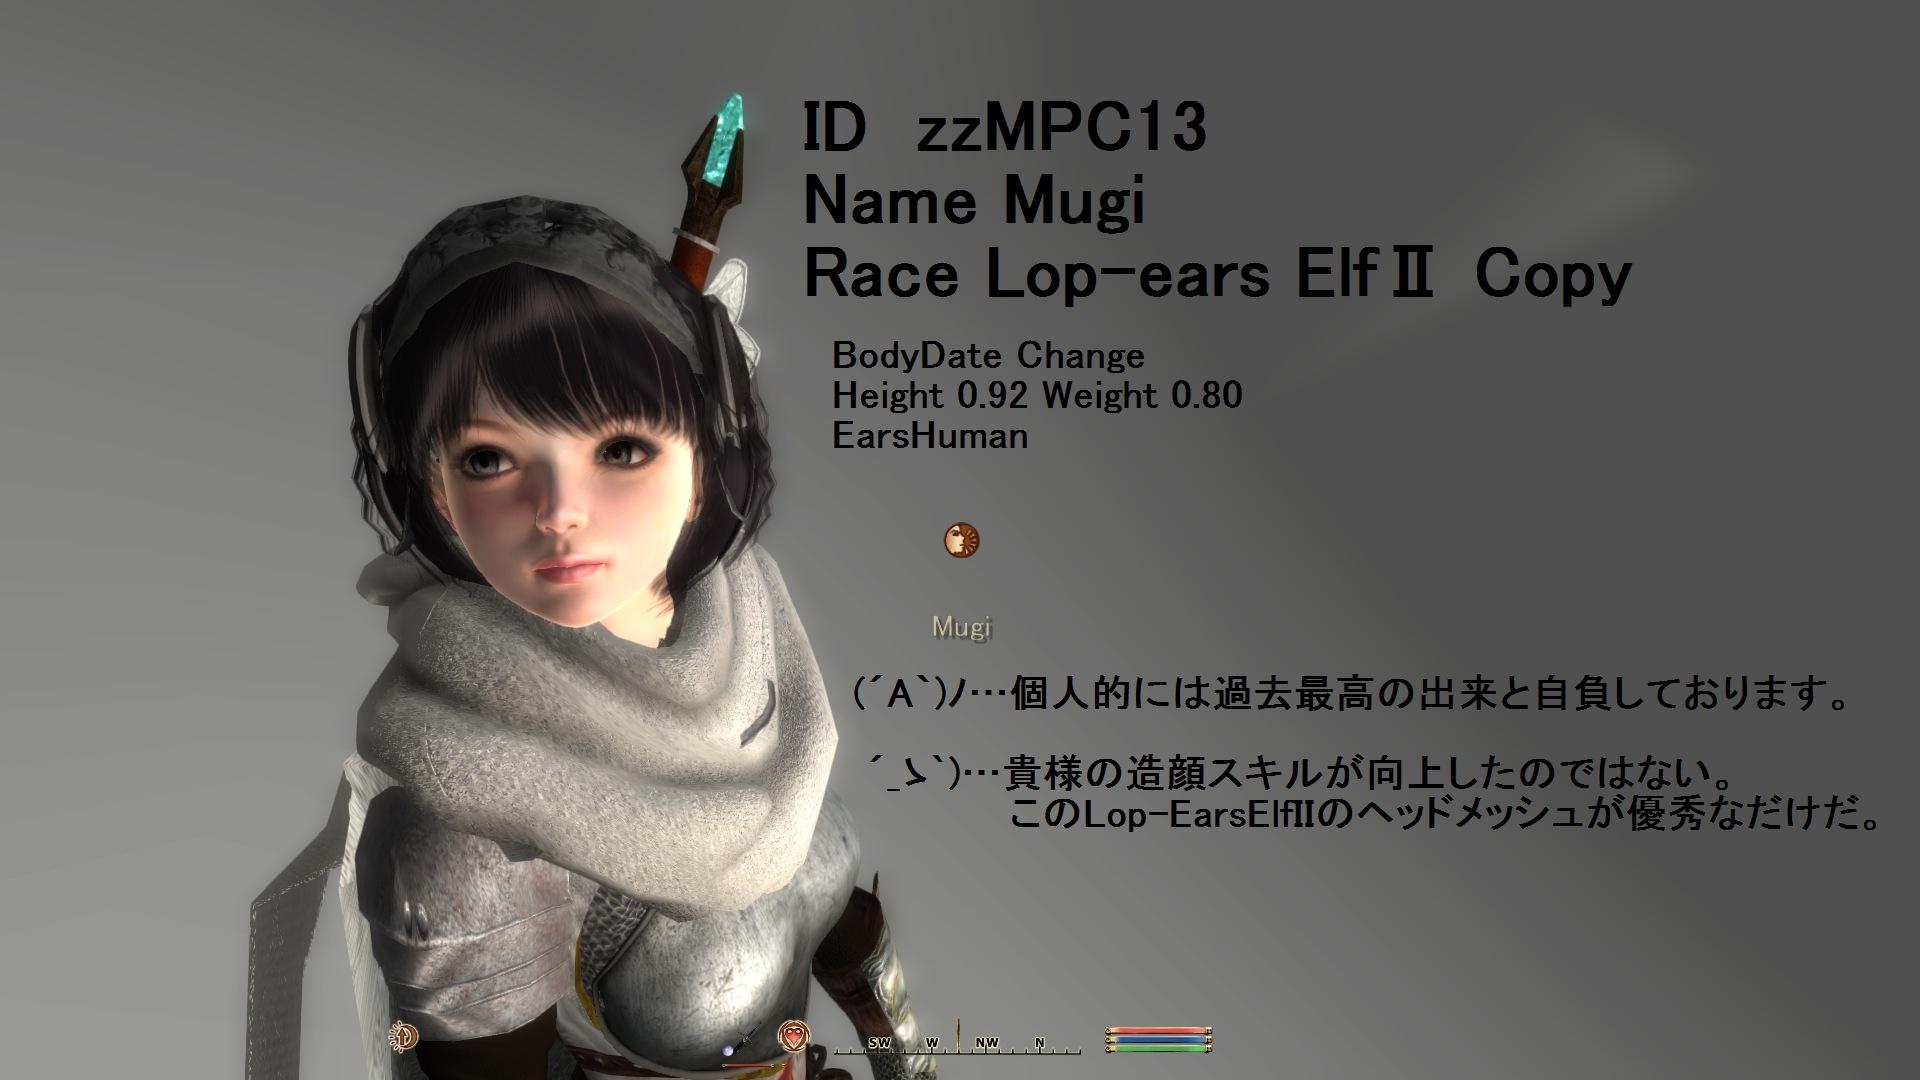 zzMPC13.jpg